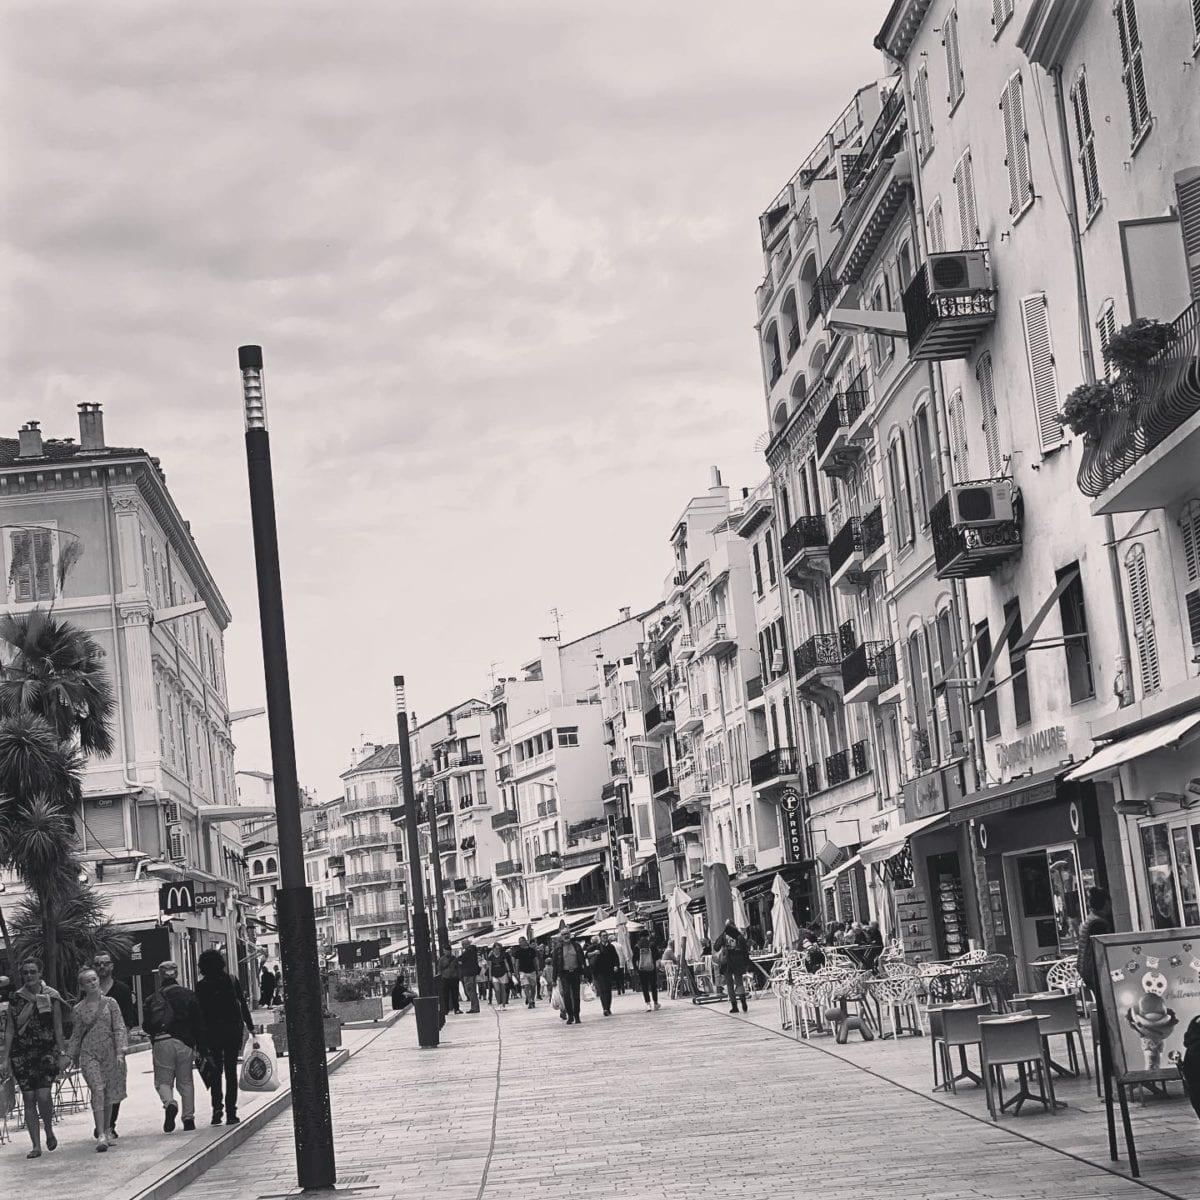 Dans les rues de ️⛱♂️ ️